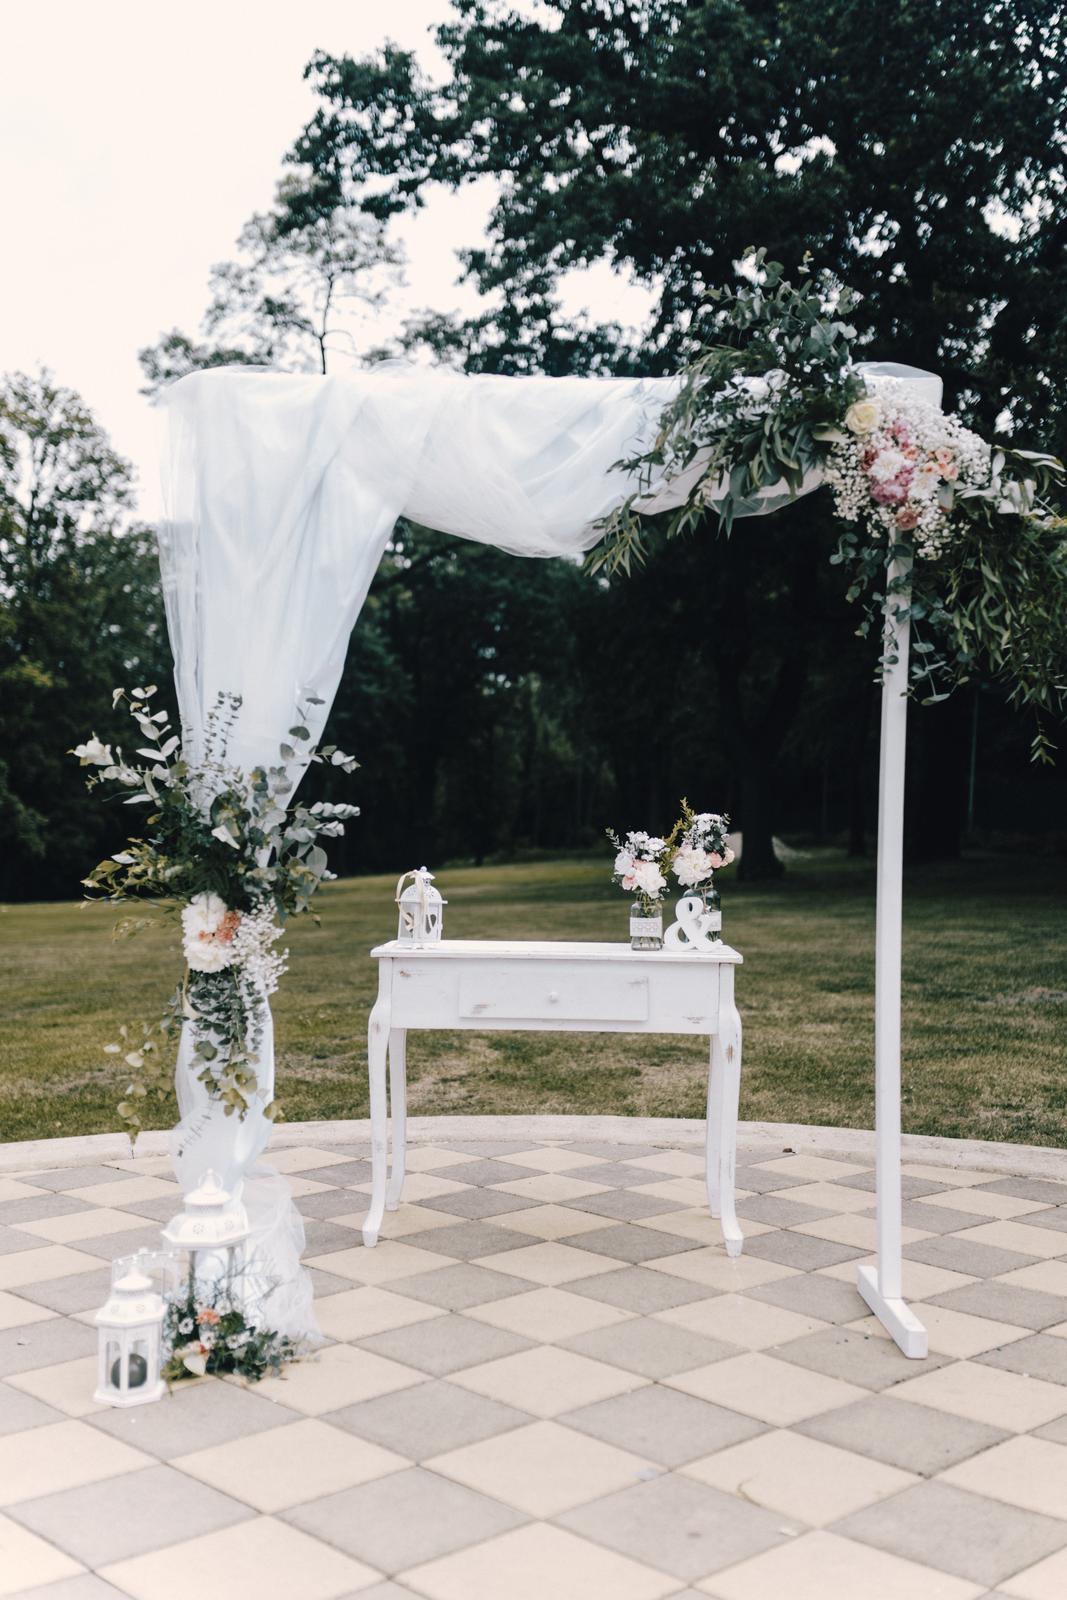 Svatební obřad 27.7.2019 Chateau St. Havel - Vyzdobanaklic.cz